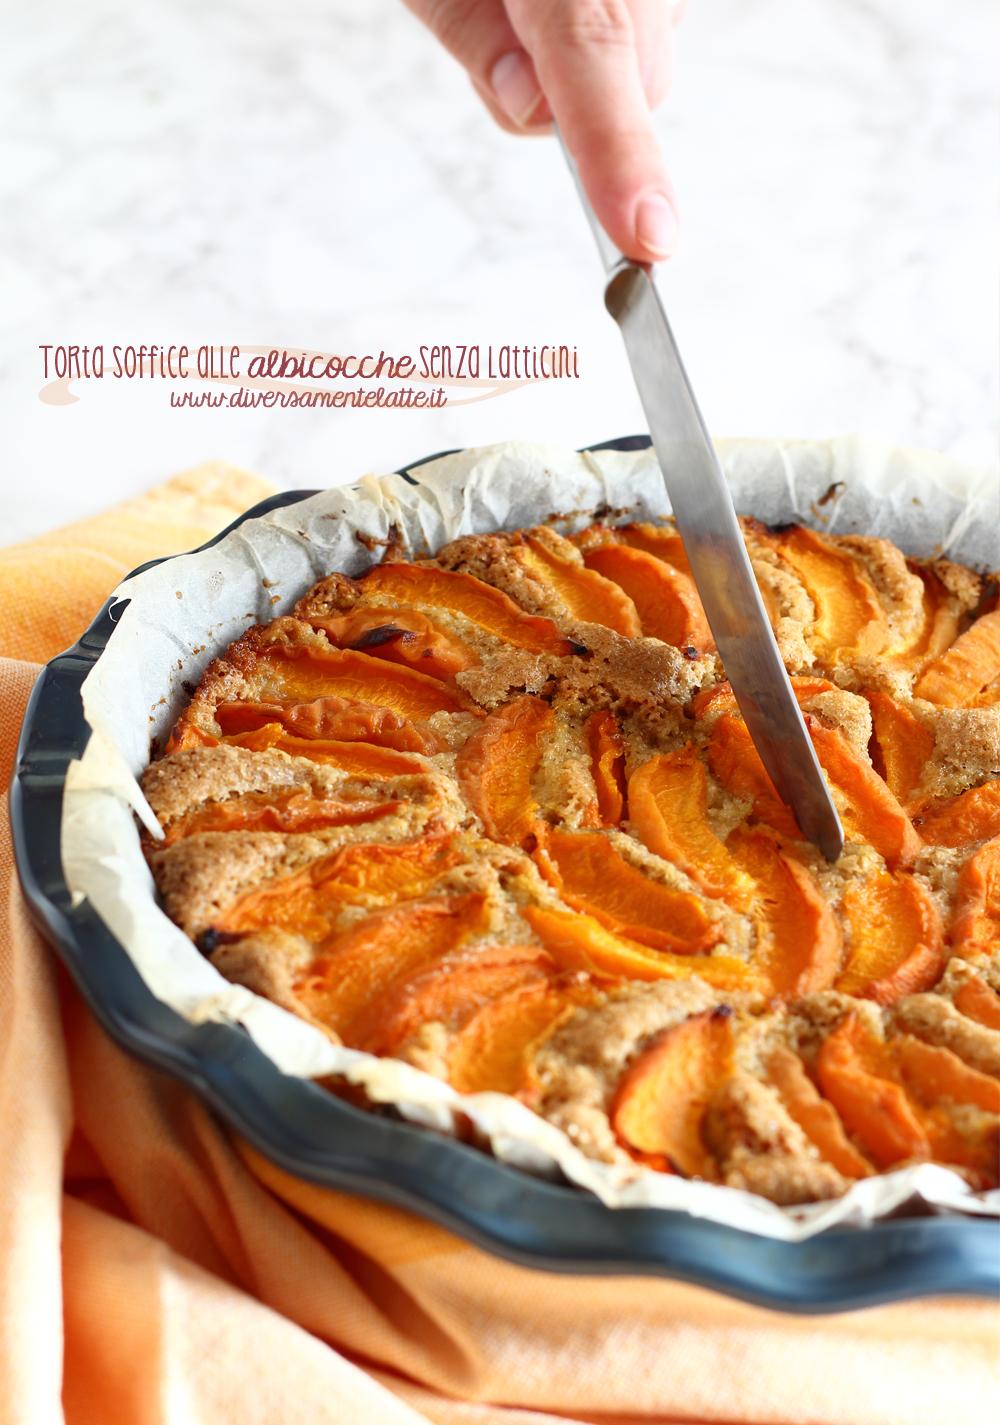 torta alle albicocche senza latticini